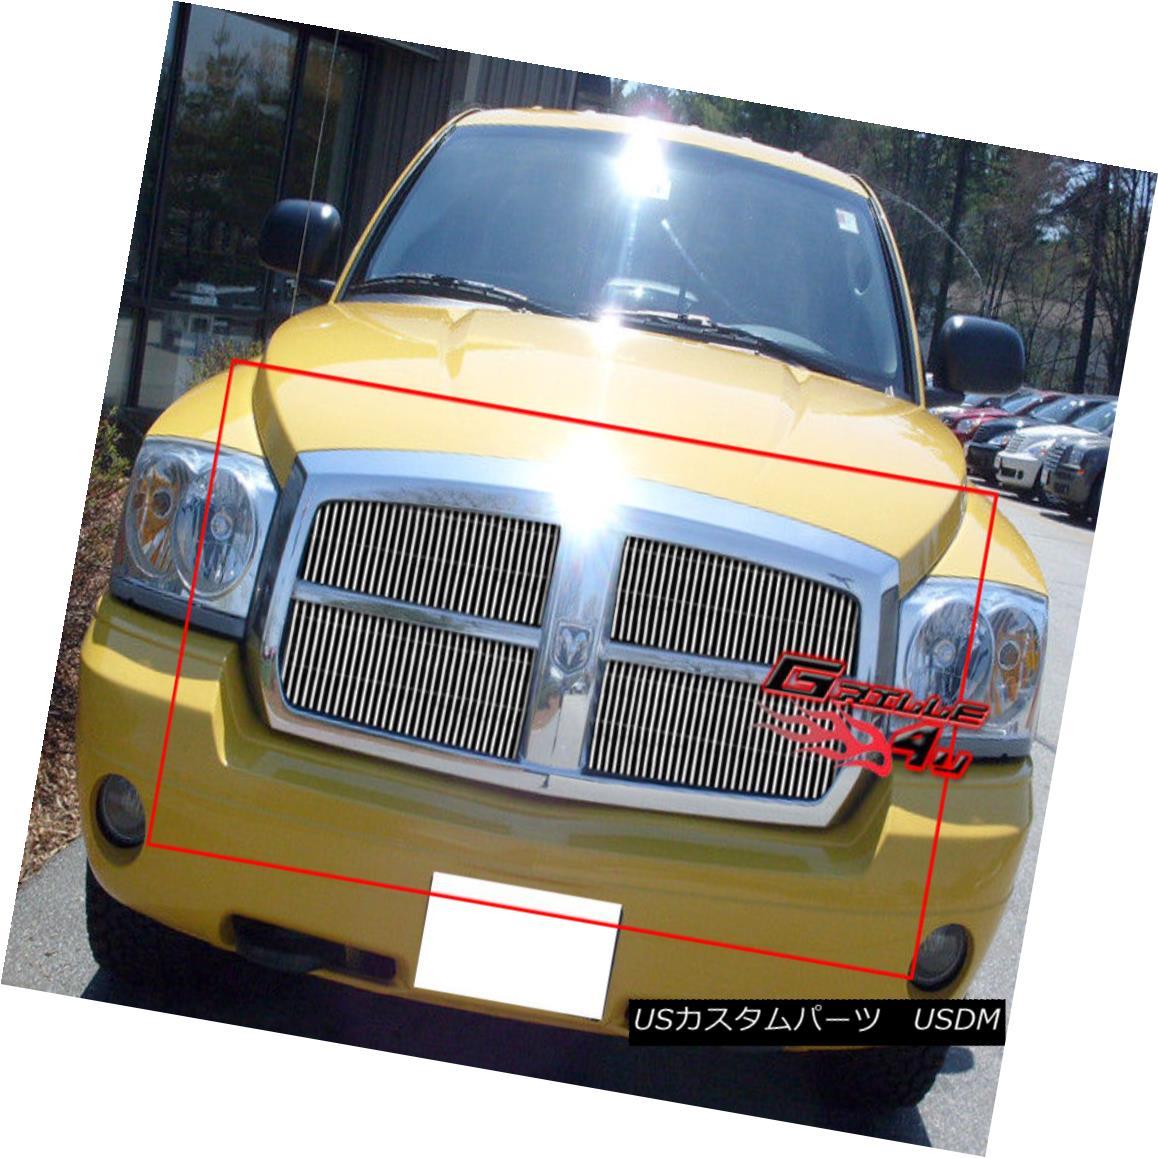 グリル Fits 2005-2007 Dodge Dakota Billet Grille Insert 2005-2007 Dodge Dakota Billet Grilleインサートに適合